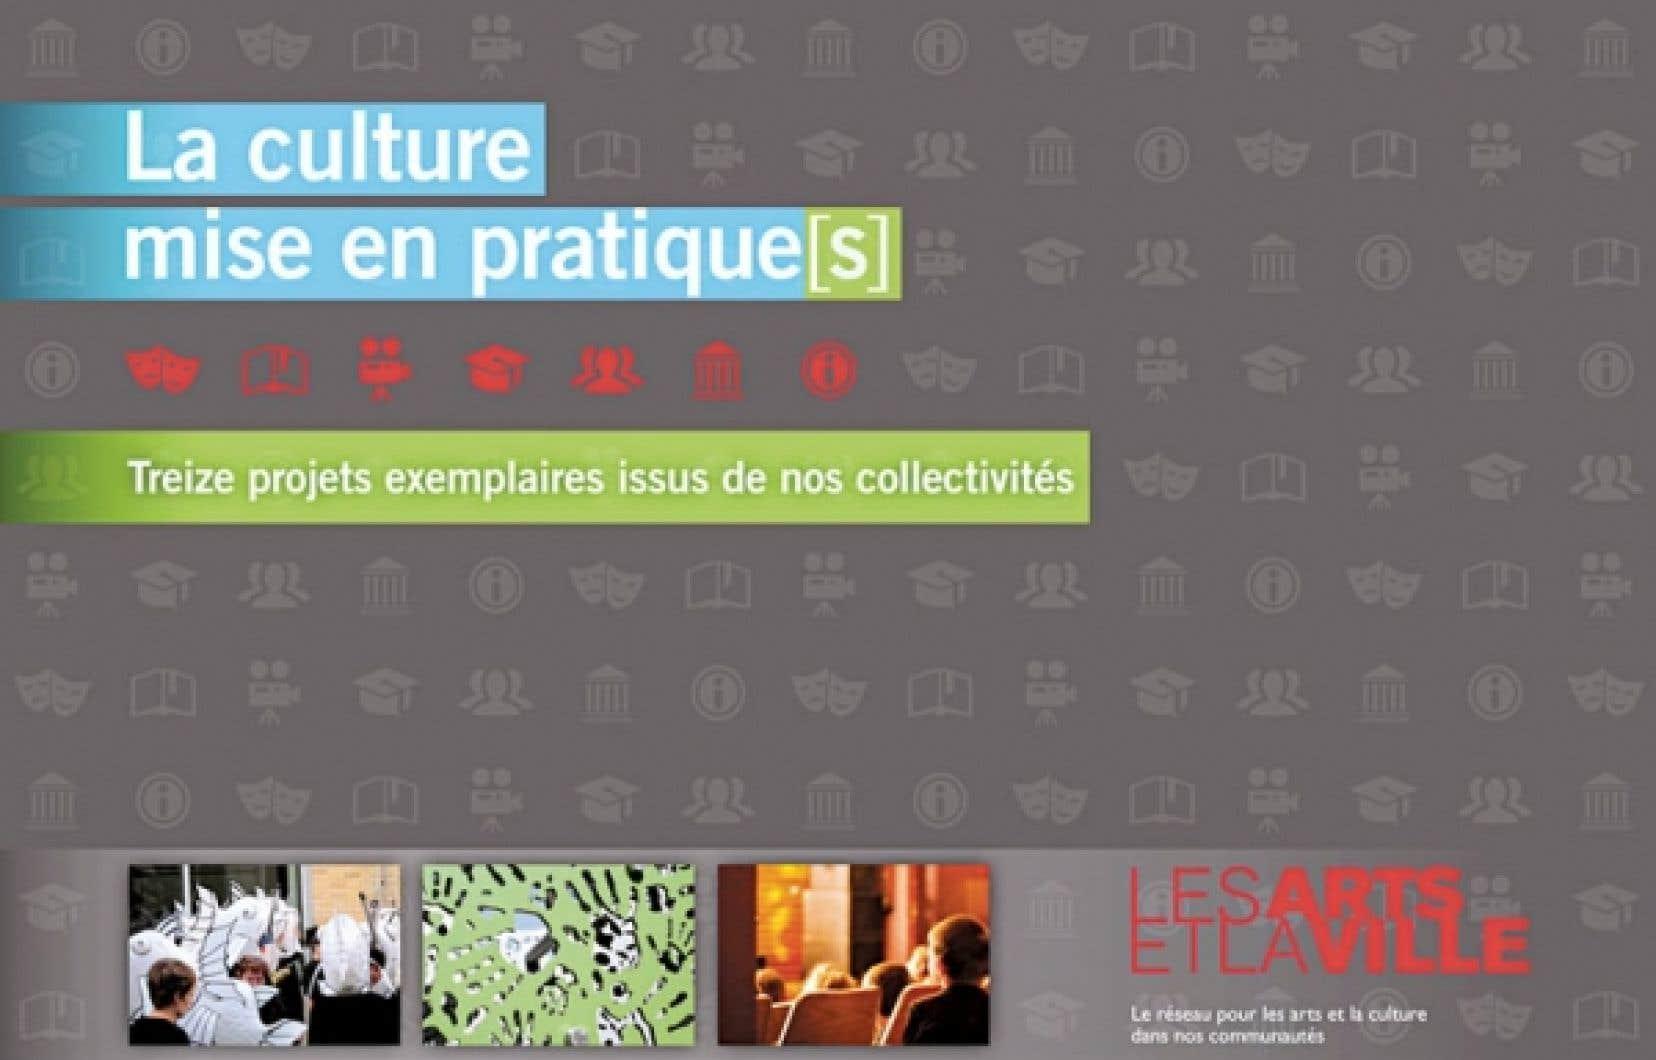 Le réseau Les Arts et la Ville compte parmi ses membres des individus et des organismes issus du milieu culturel et municipal francophone hors Québec.